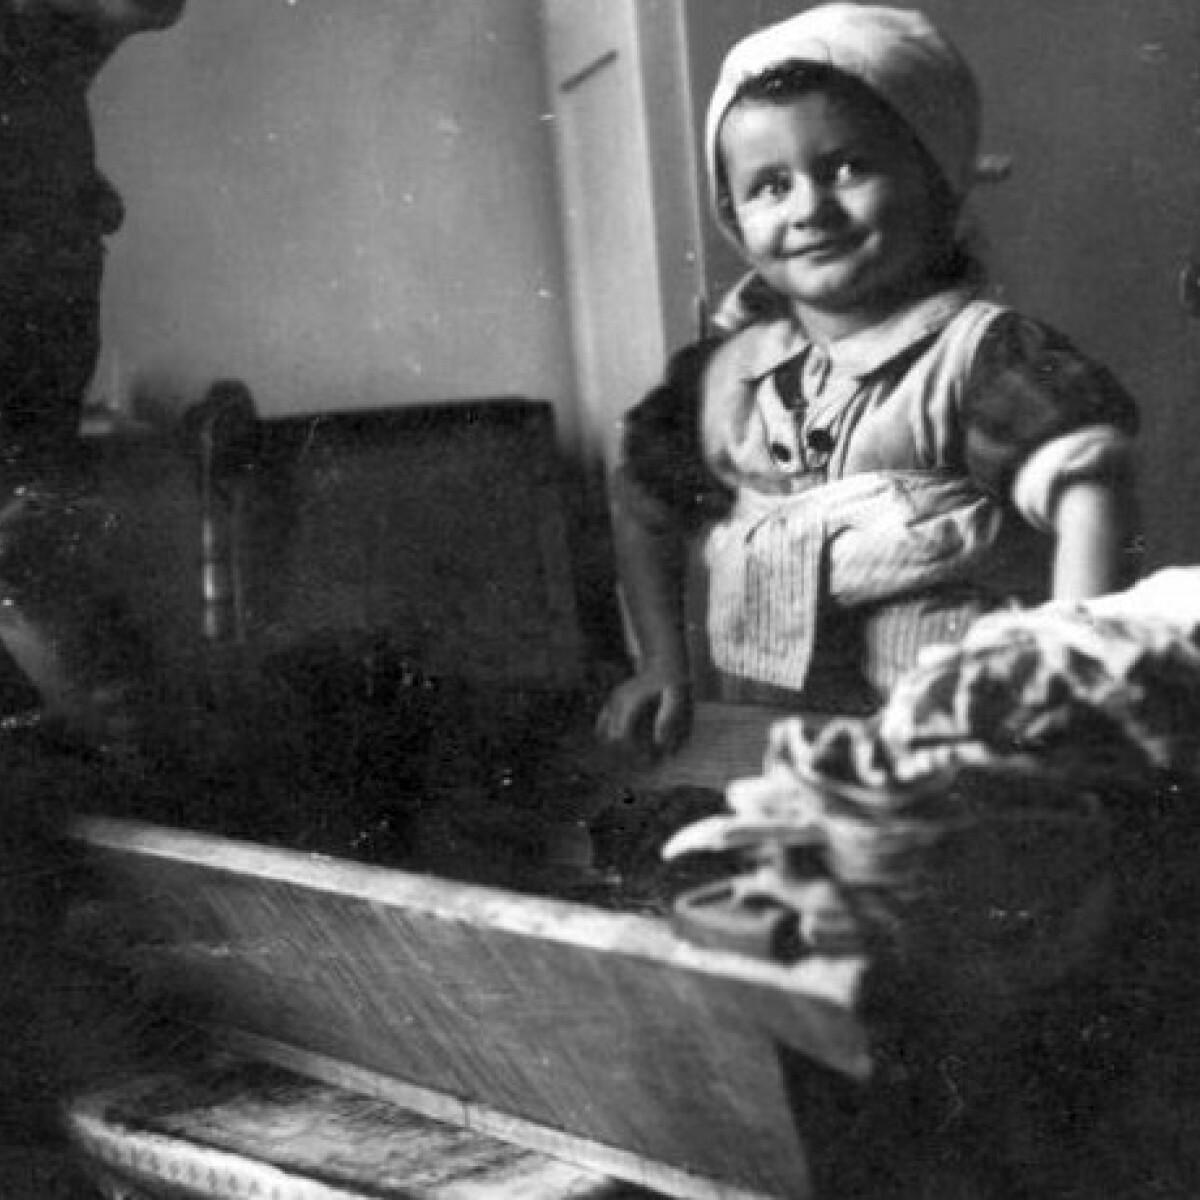 Home office dédanyáink idejében - ilyen volt a női munka a századelőn a paraszti háztartásokban